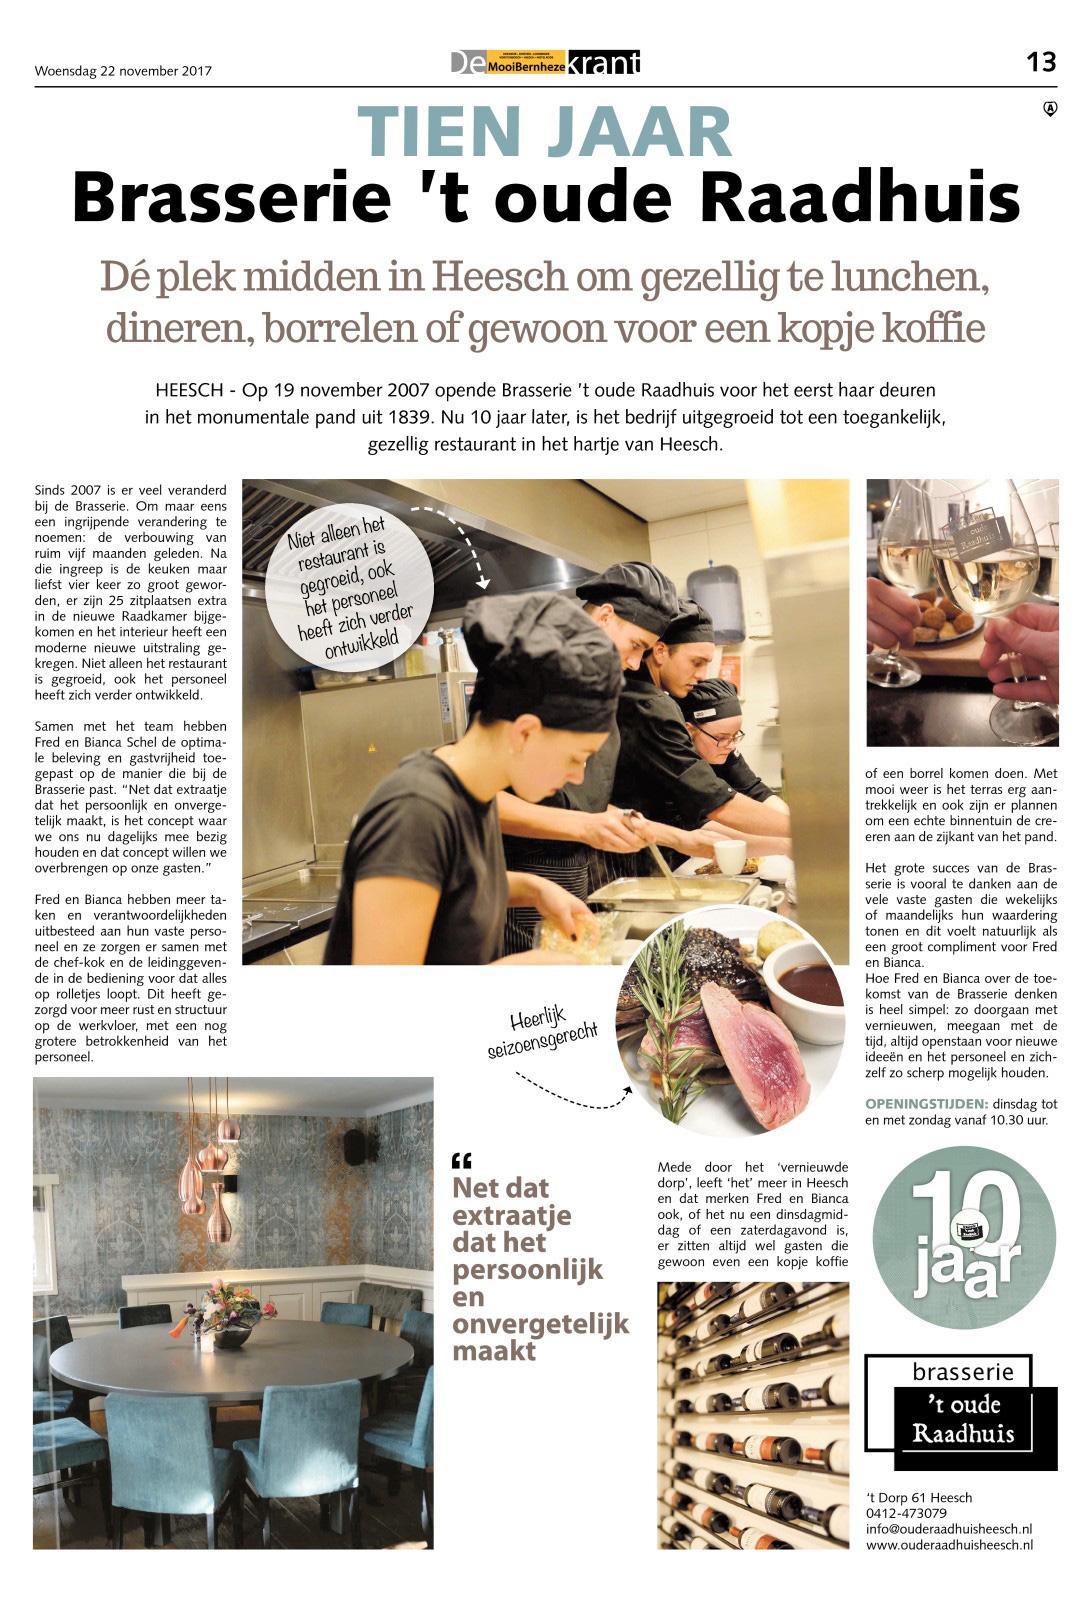 brasserie-'t-oude-raadhuis-10-jaar-centrum-heesch